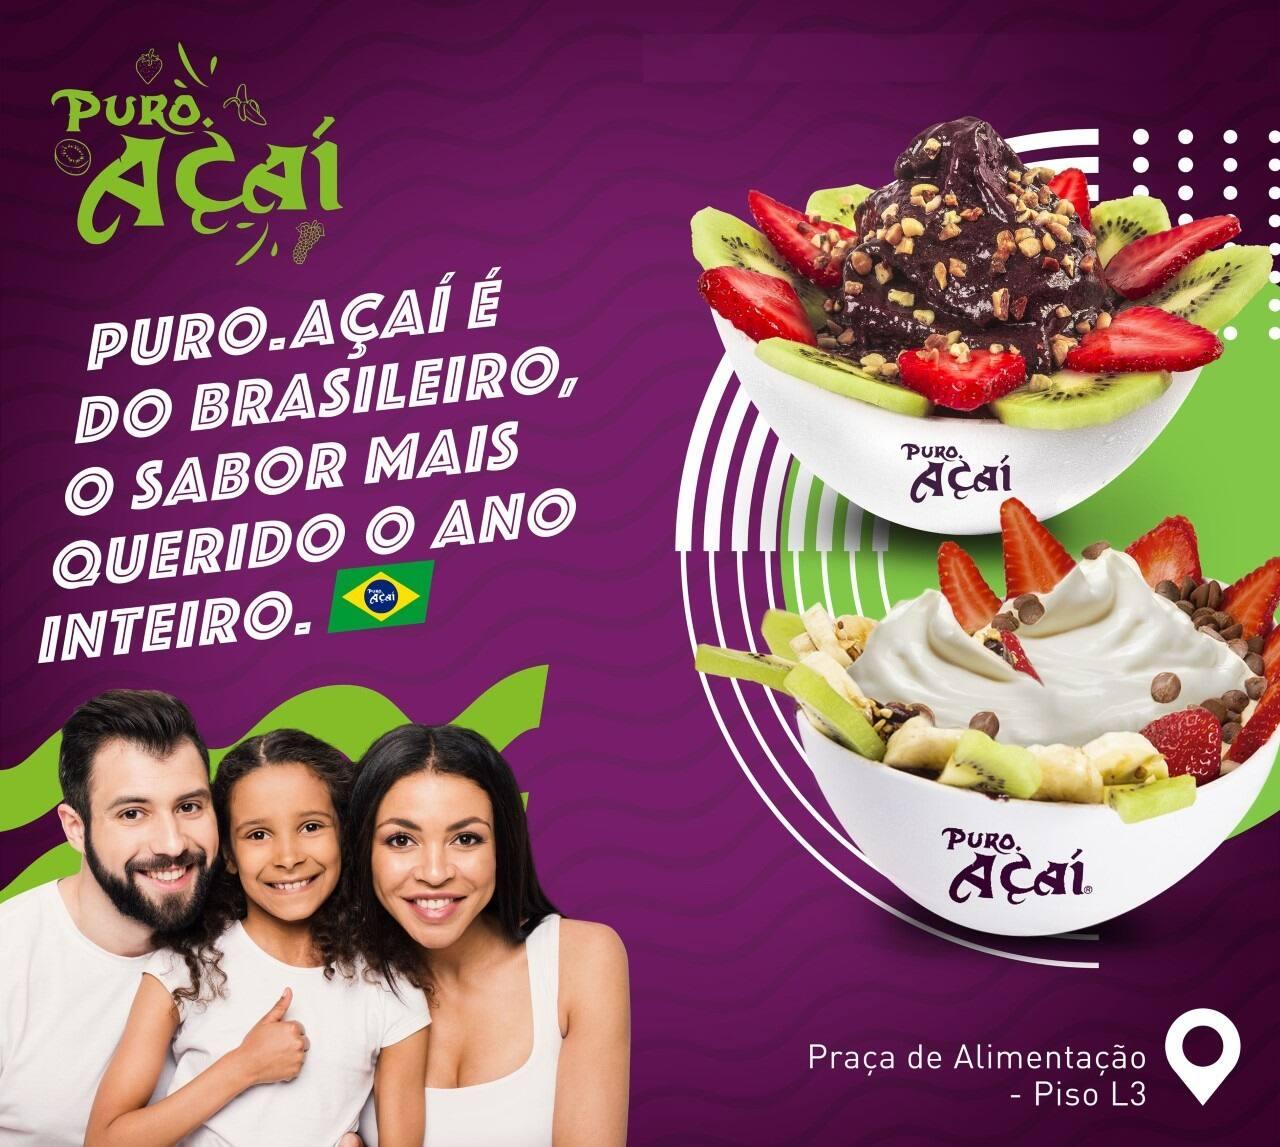 Puro Açaí Iguatemi